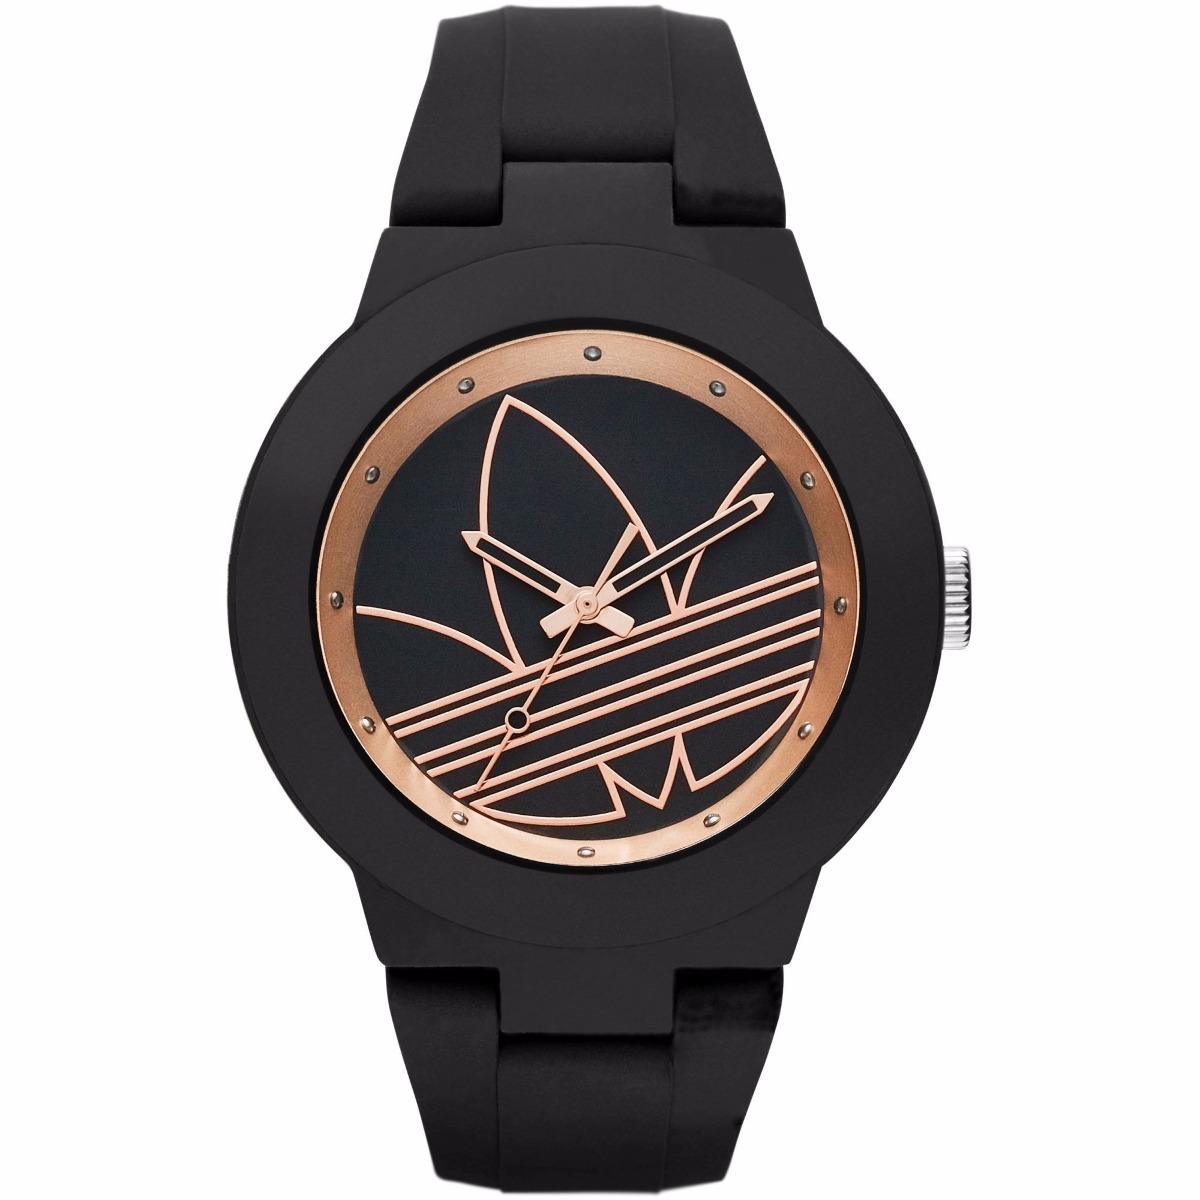 buy online e7978 1188e reloj adidas adh3086 aberdeen unisex negro oro rosa original. Cargando zoom.